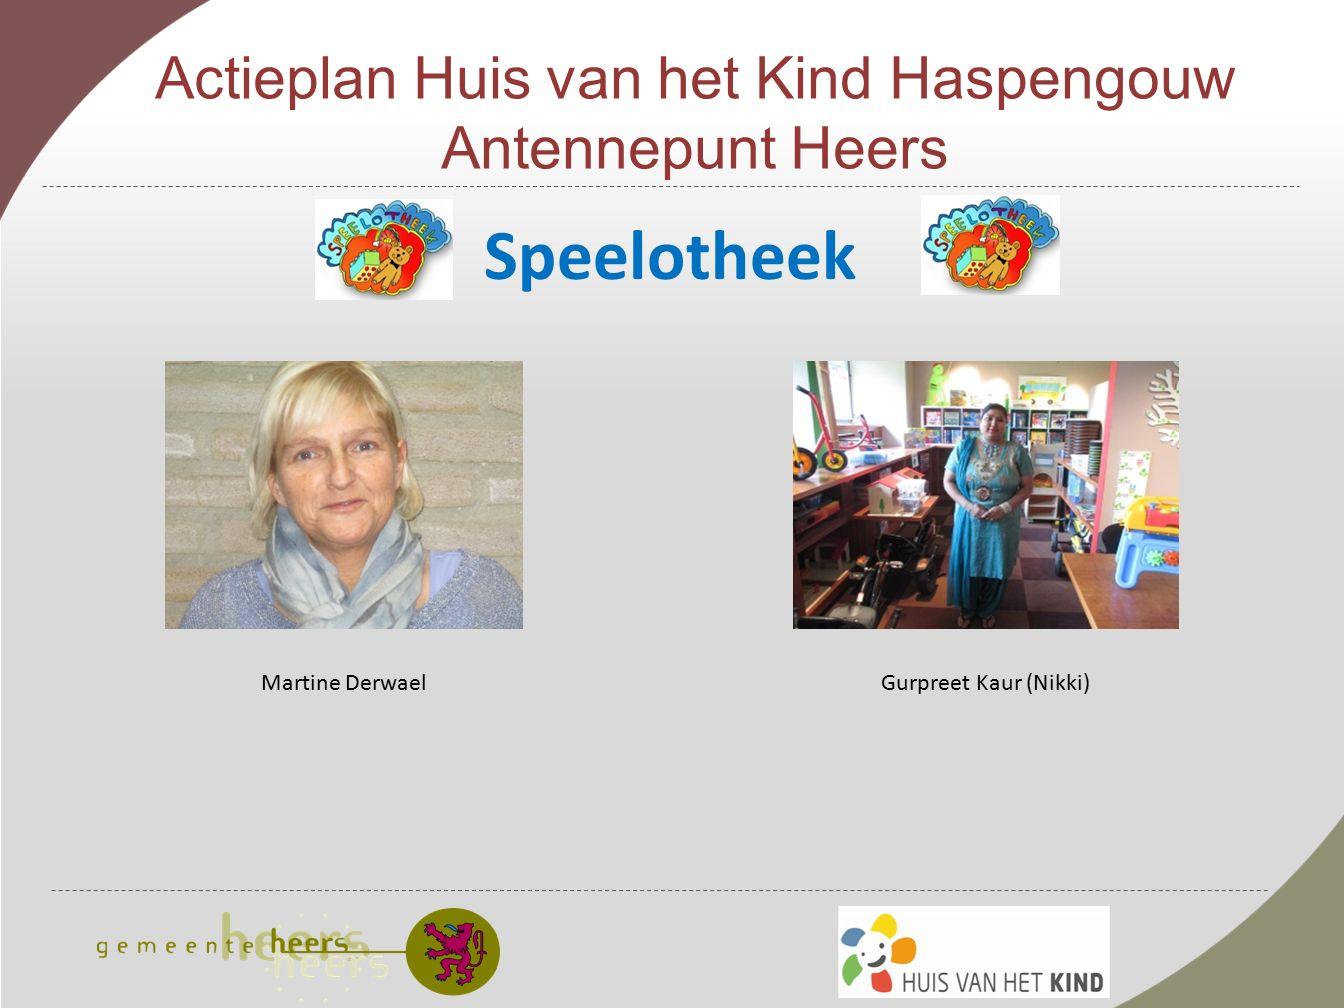 Actieplan Huis van het Kind Haspengouw Antennepunt Heers Speelotheek Martine Derwael Gurpreet Kaur (Nikki)